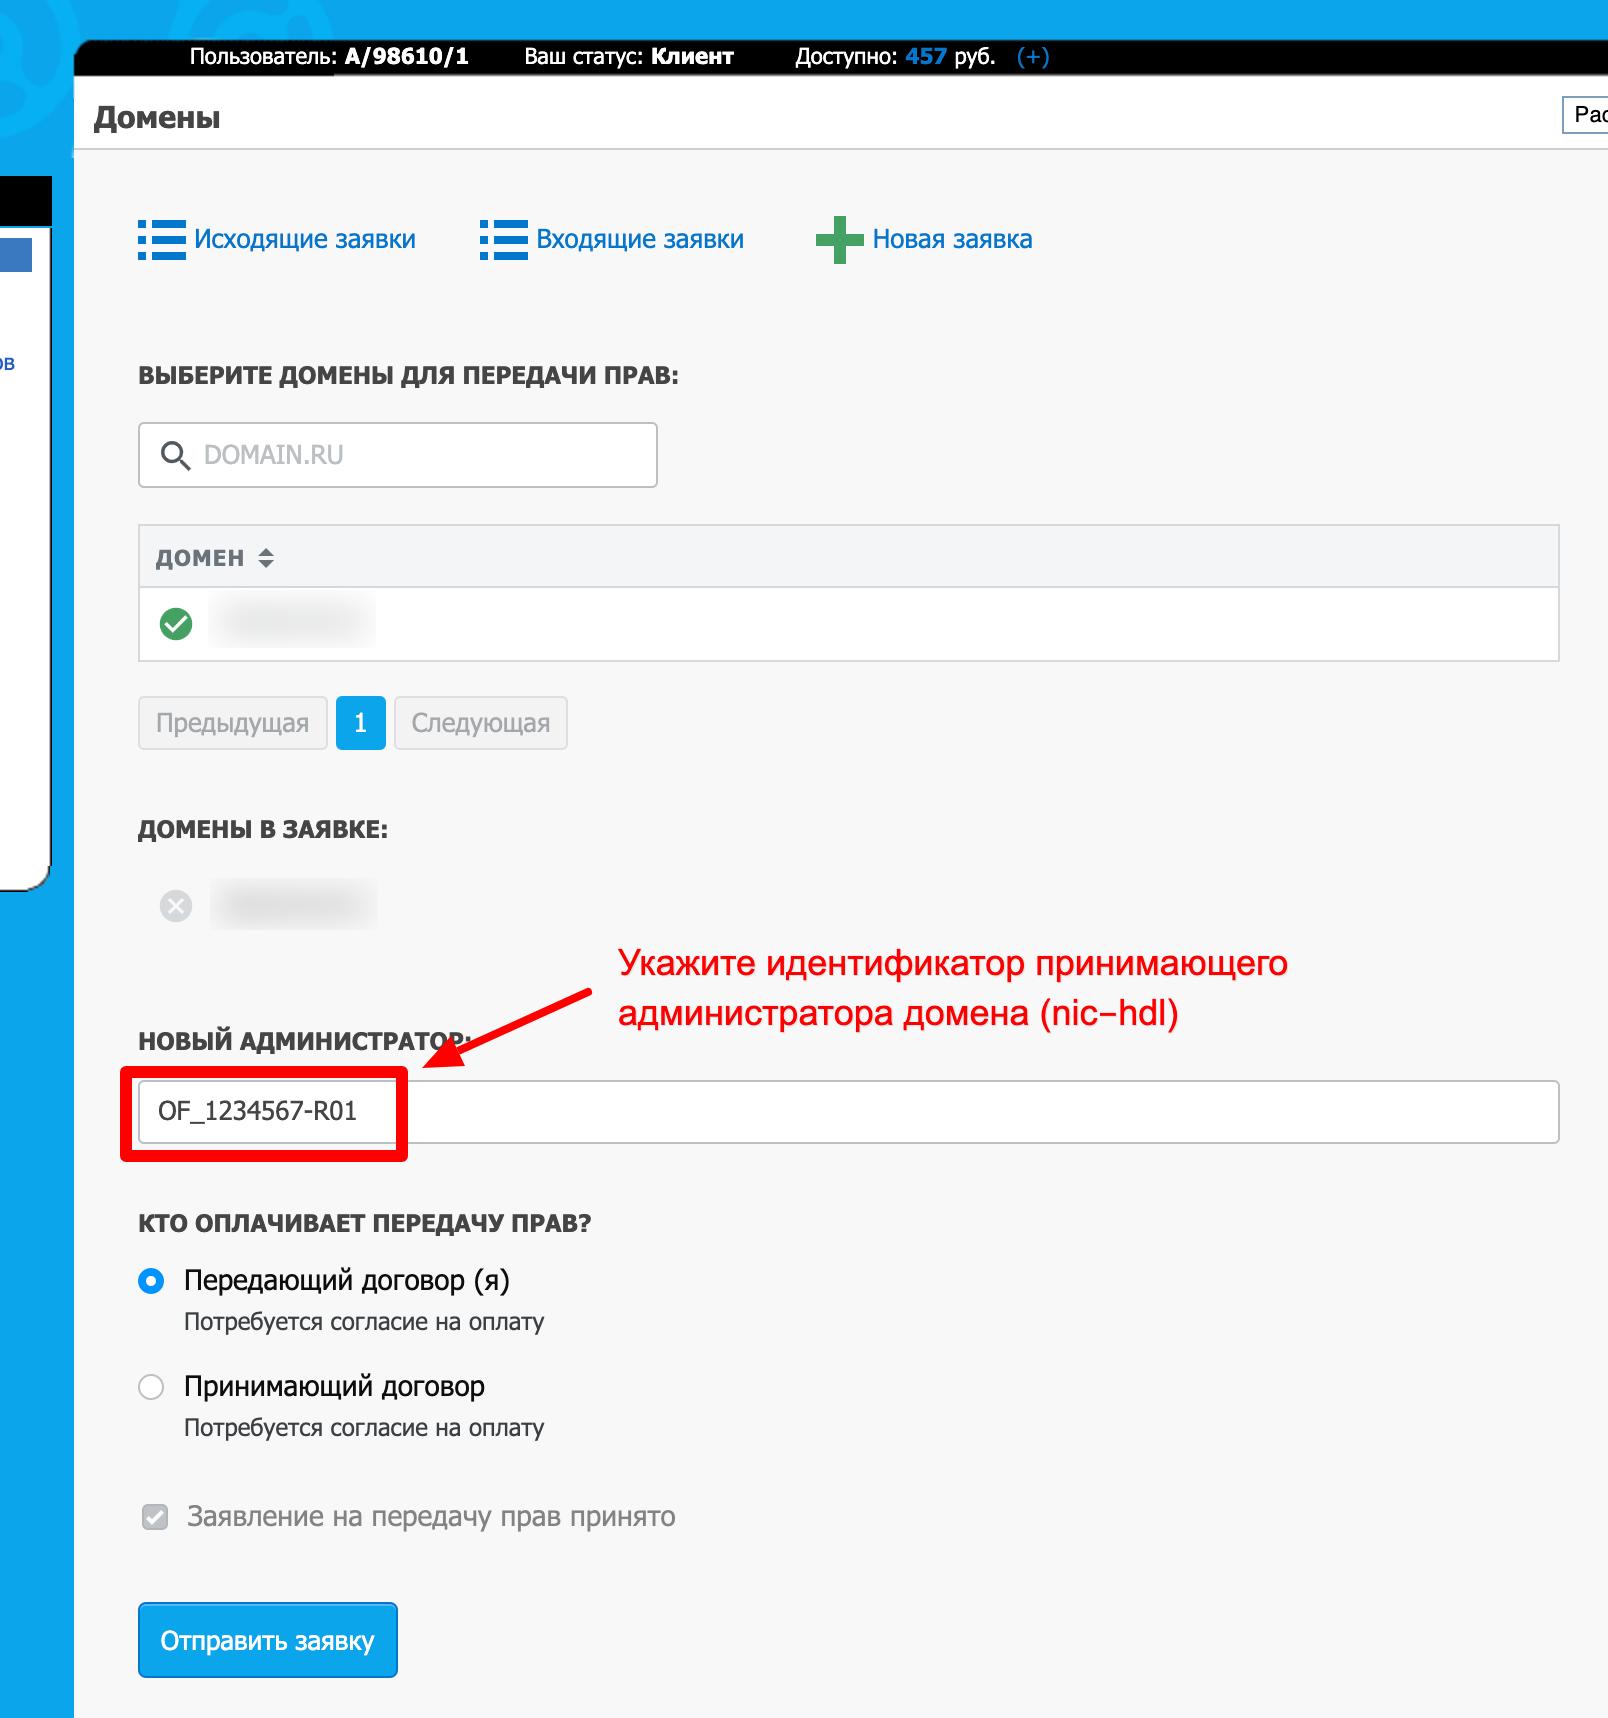 Заполнение заявки на переоформление домена онлайн